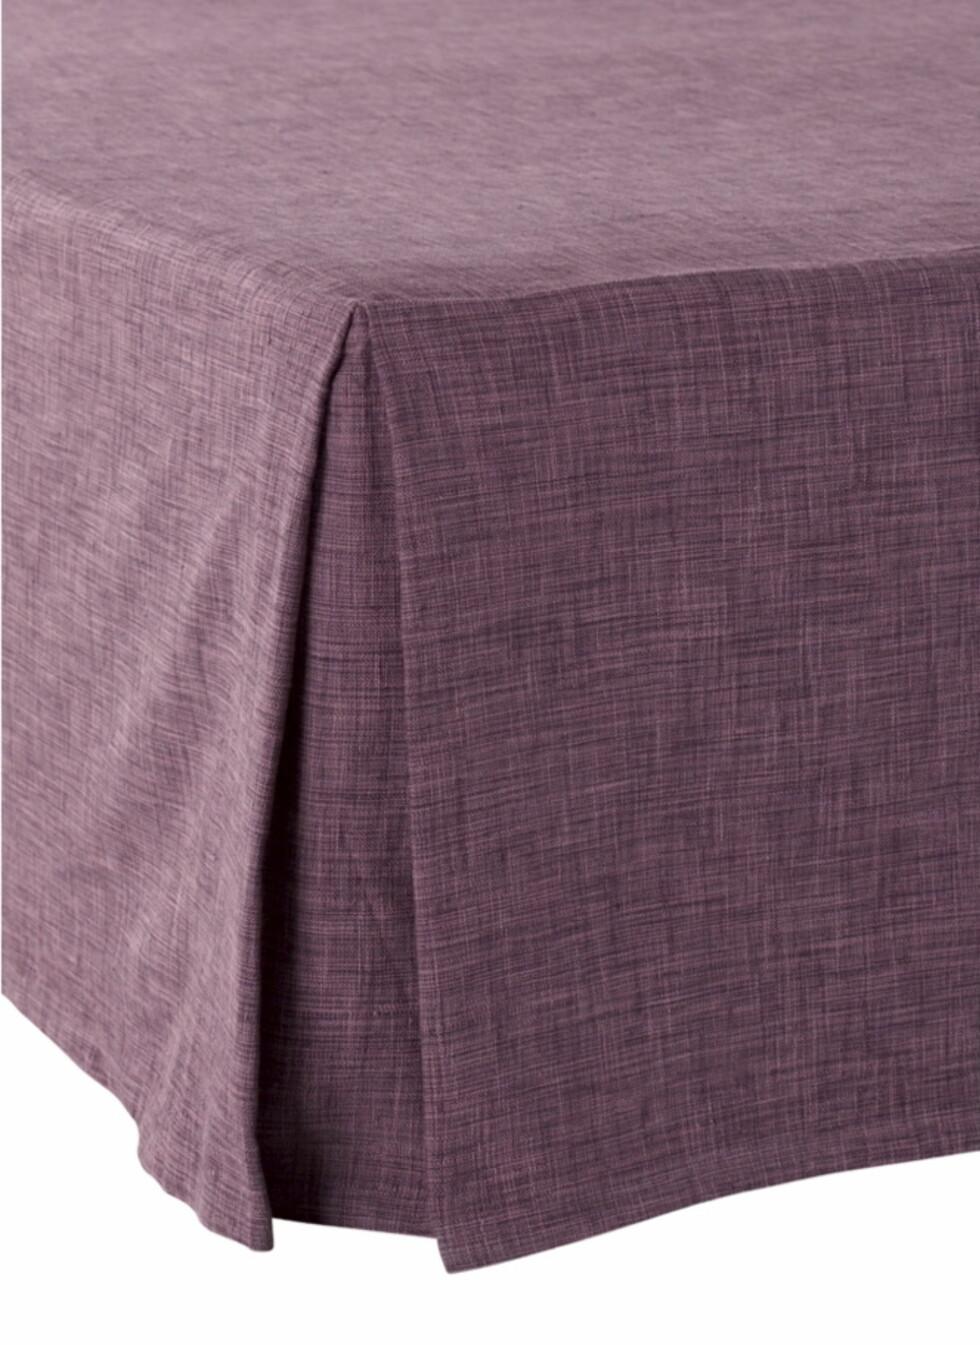 Plommefarget laken med enkel, rett kappe i 100 prosent bomull - finnes også i beige og grå (fra kr.399/Ellos.no). Foto: Produsenten